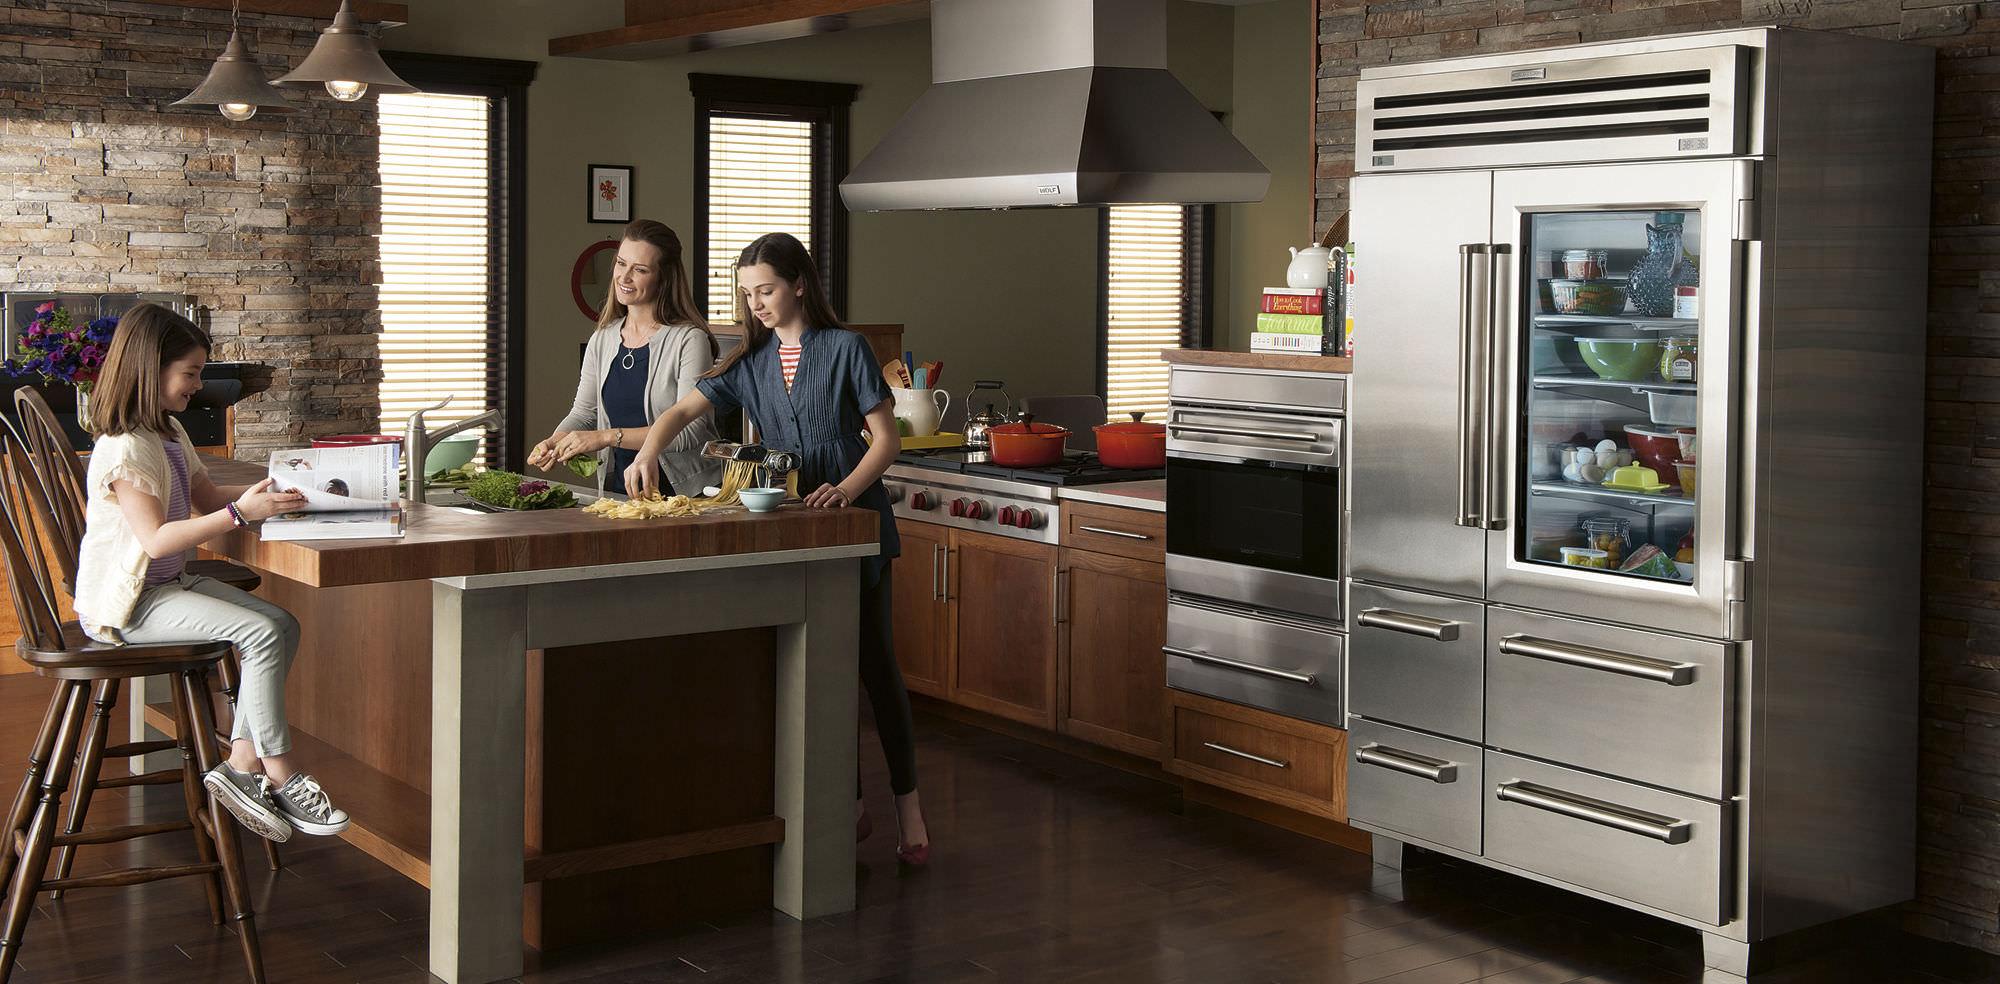 family preparing a mean in their kitchen full of sub-zero appliances